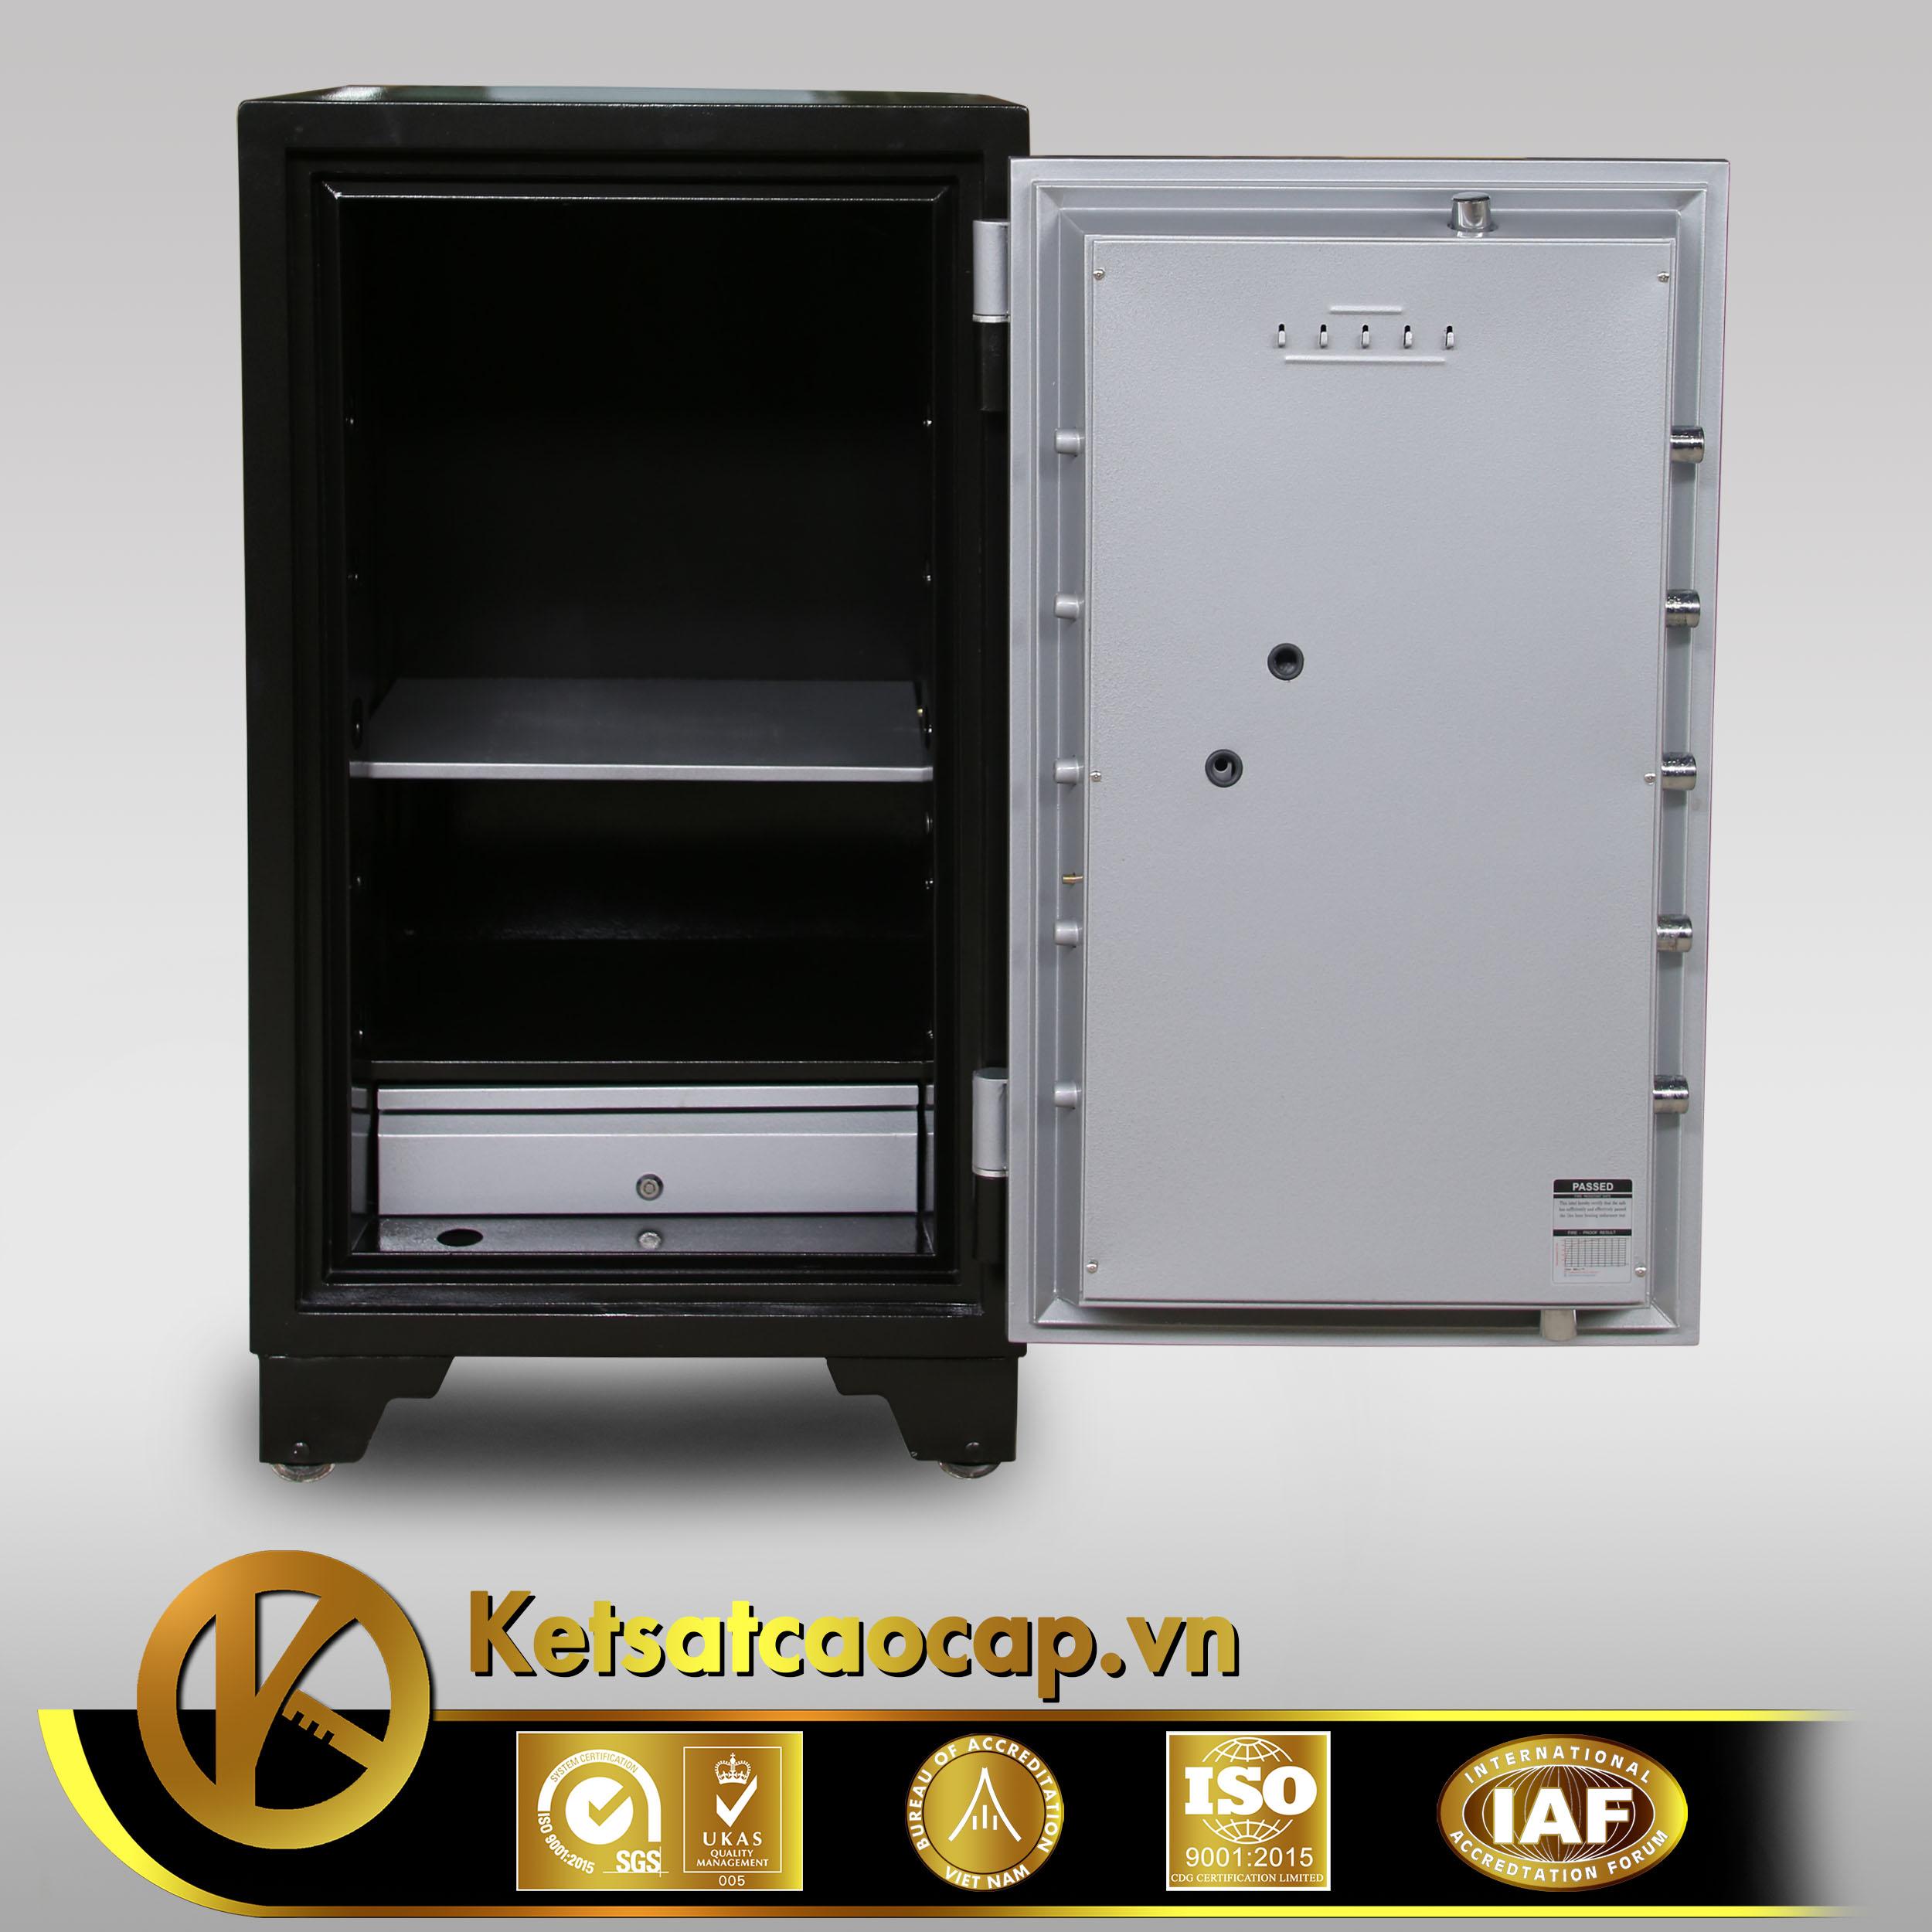 Két sắt Welko KS1070 DK khóa  điện tử Đổi Mã